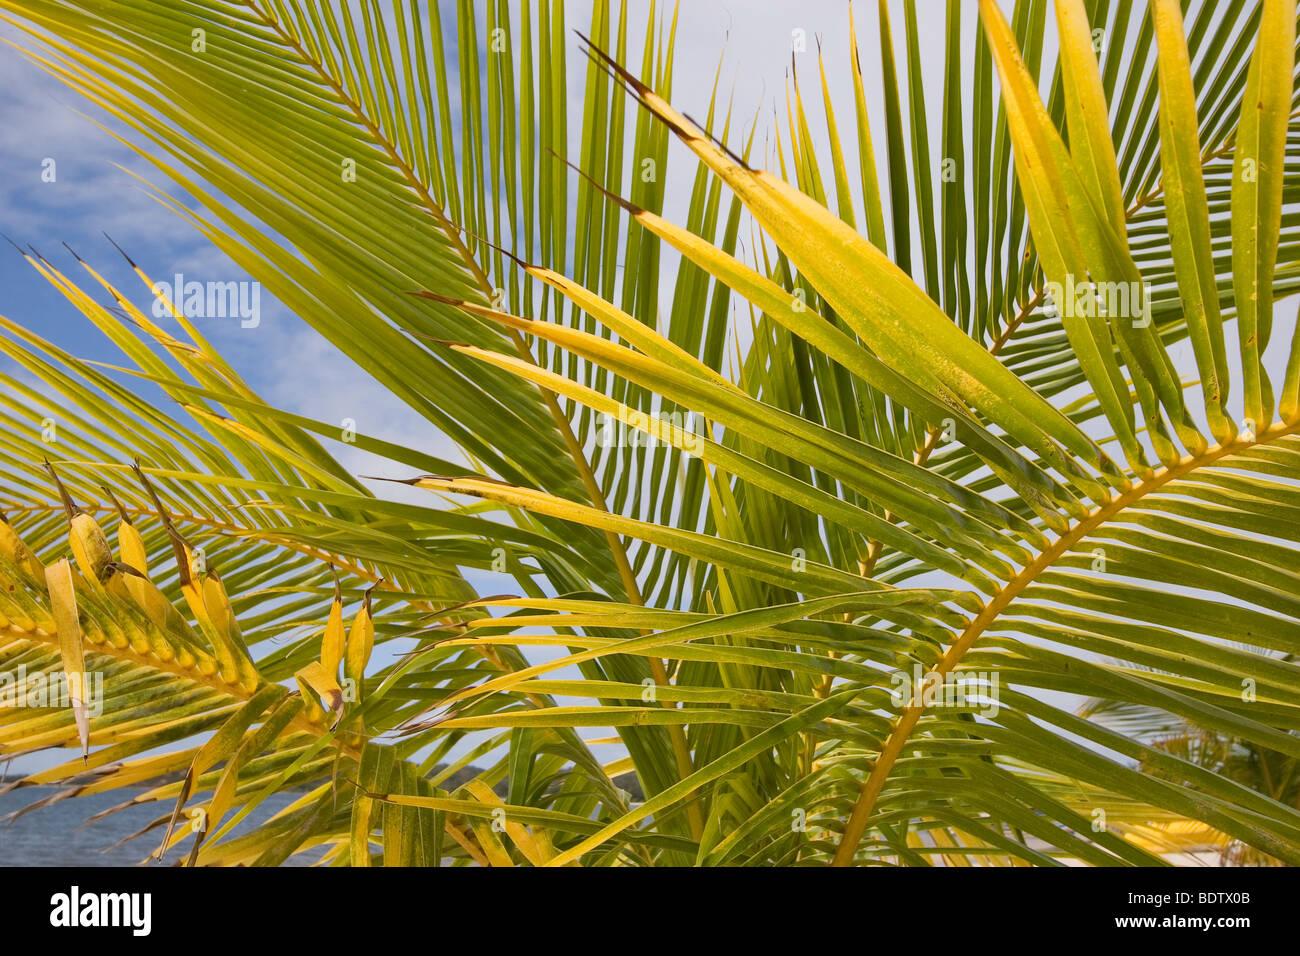 Palme am Strand, Manambato, Madgaskar, Afrika, Palmen, Strand, Madagaskar, Afrika Stockbild